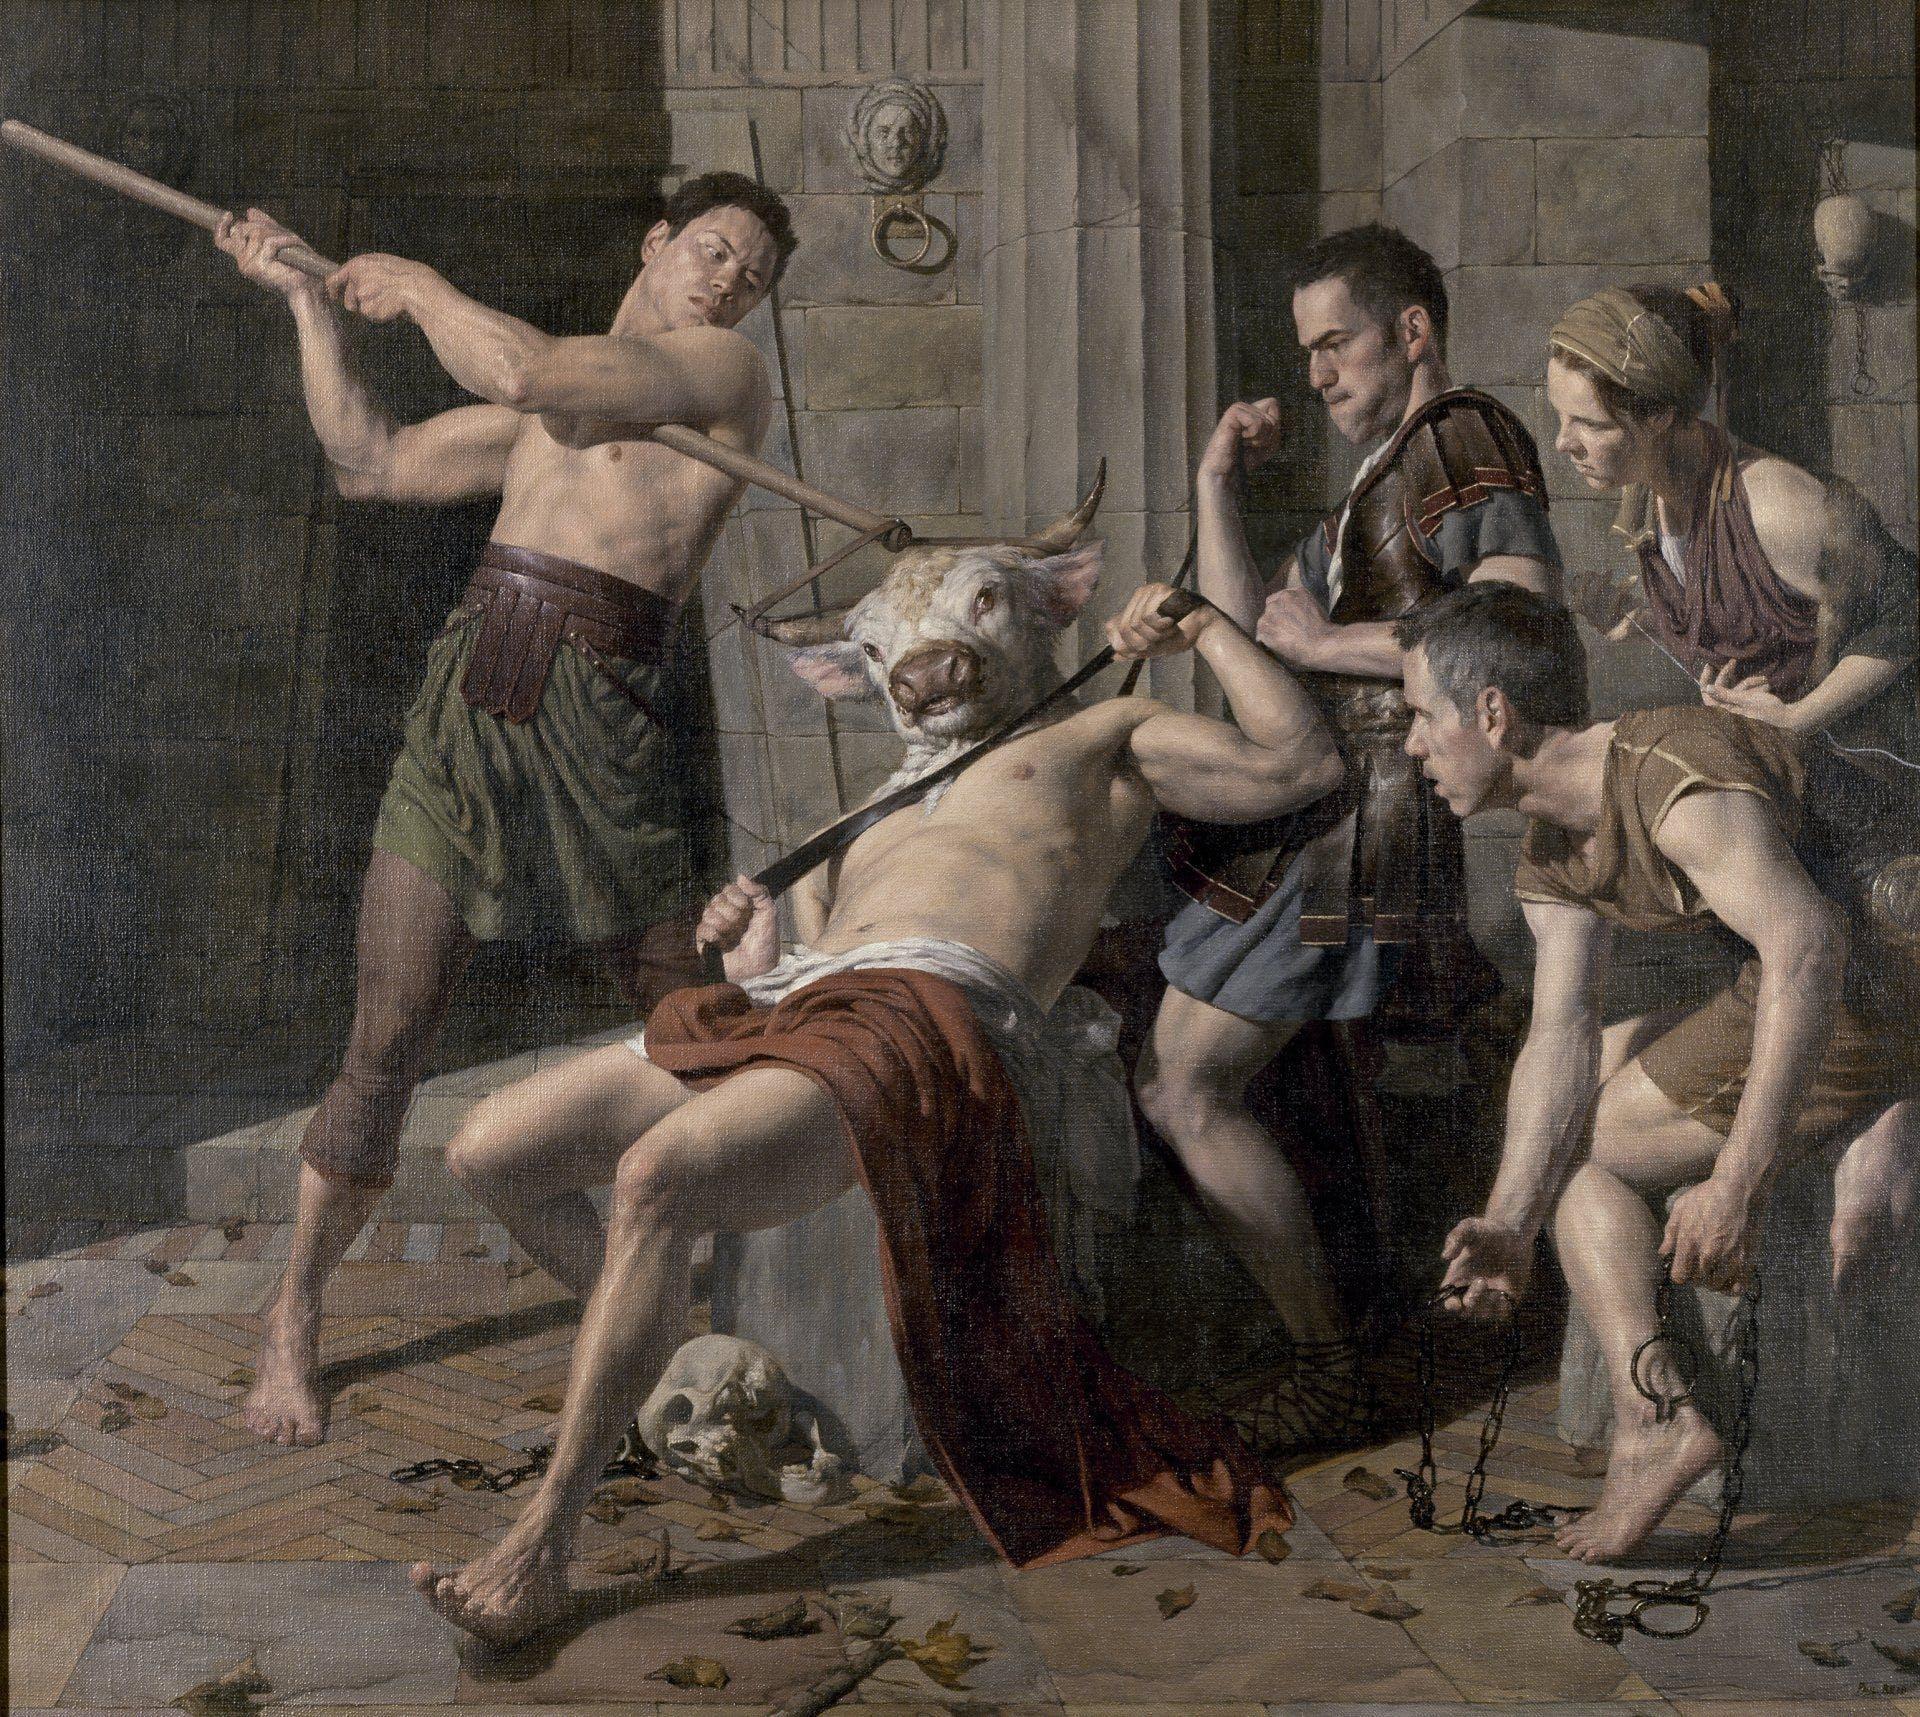 PAUL REID: MYTHOLOGIES